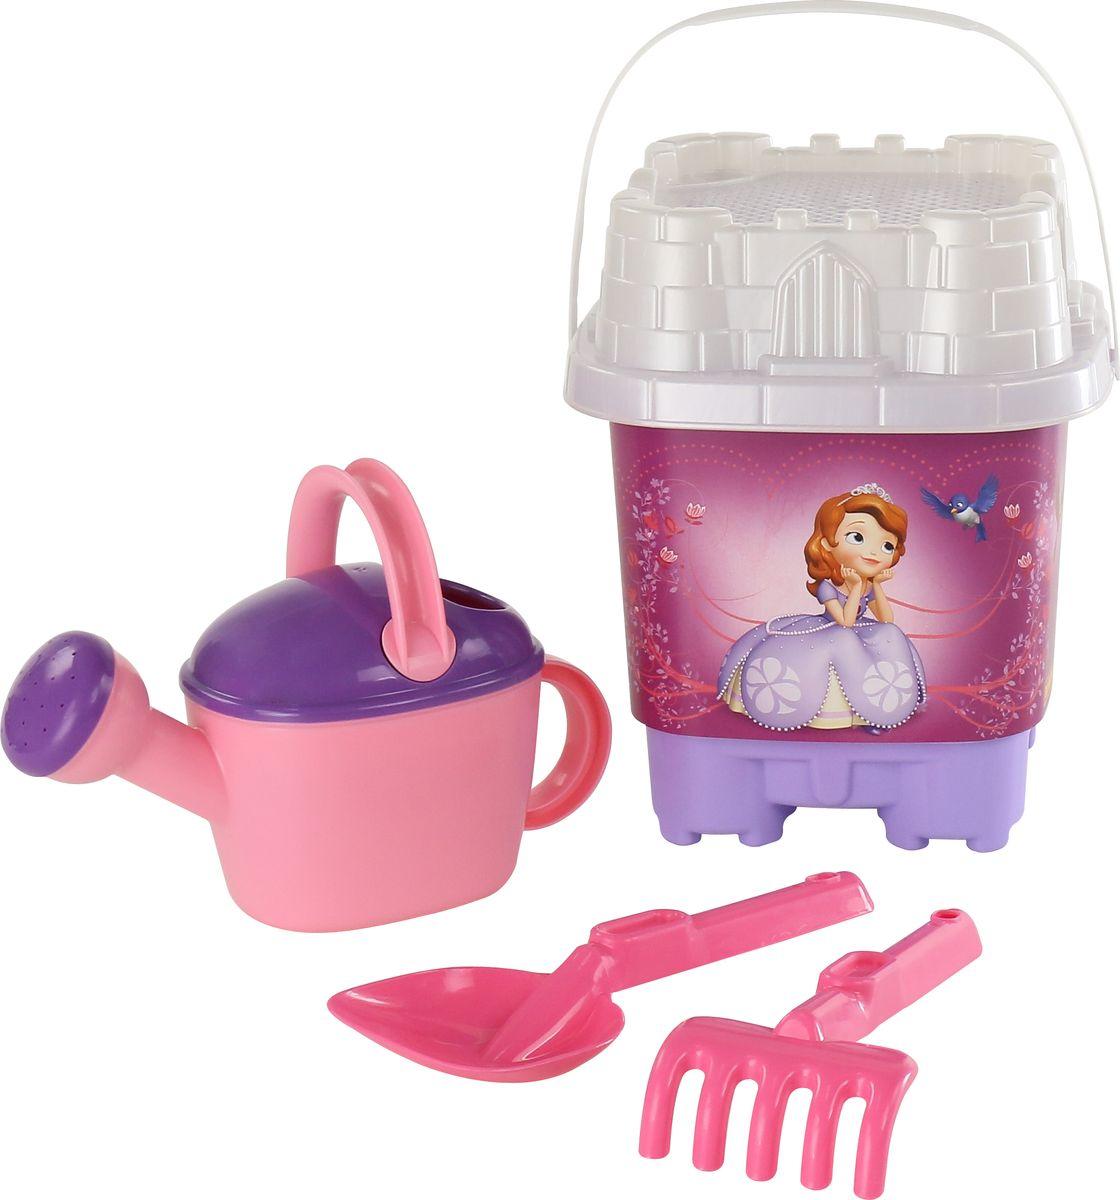 Disney Набор игрушек для песочницы София Прекрасная №6, цвет в ассортименте